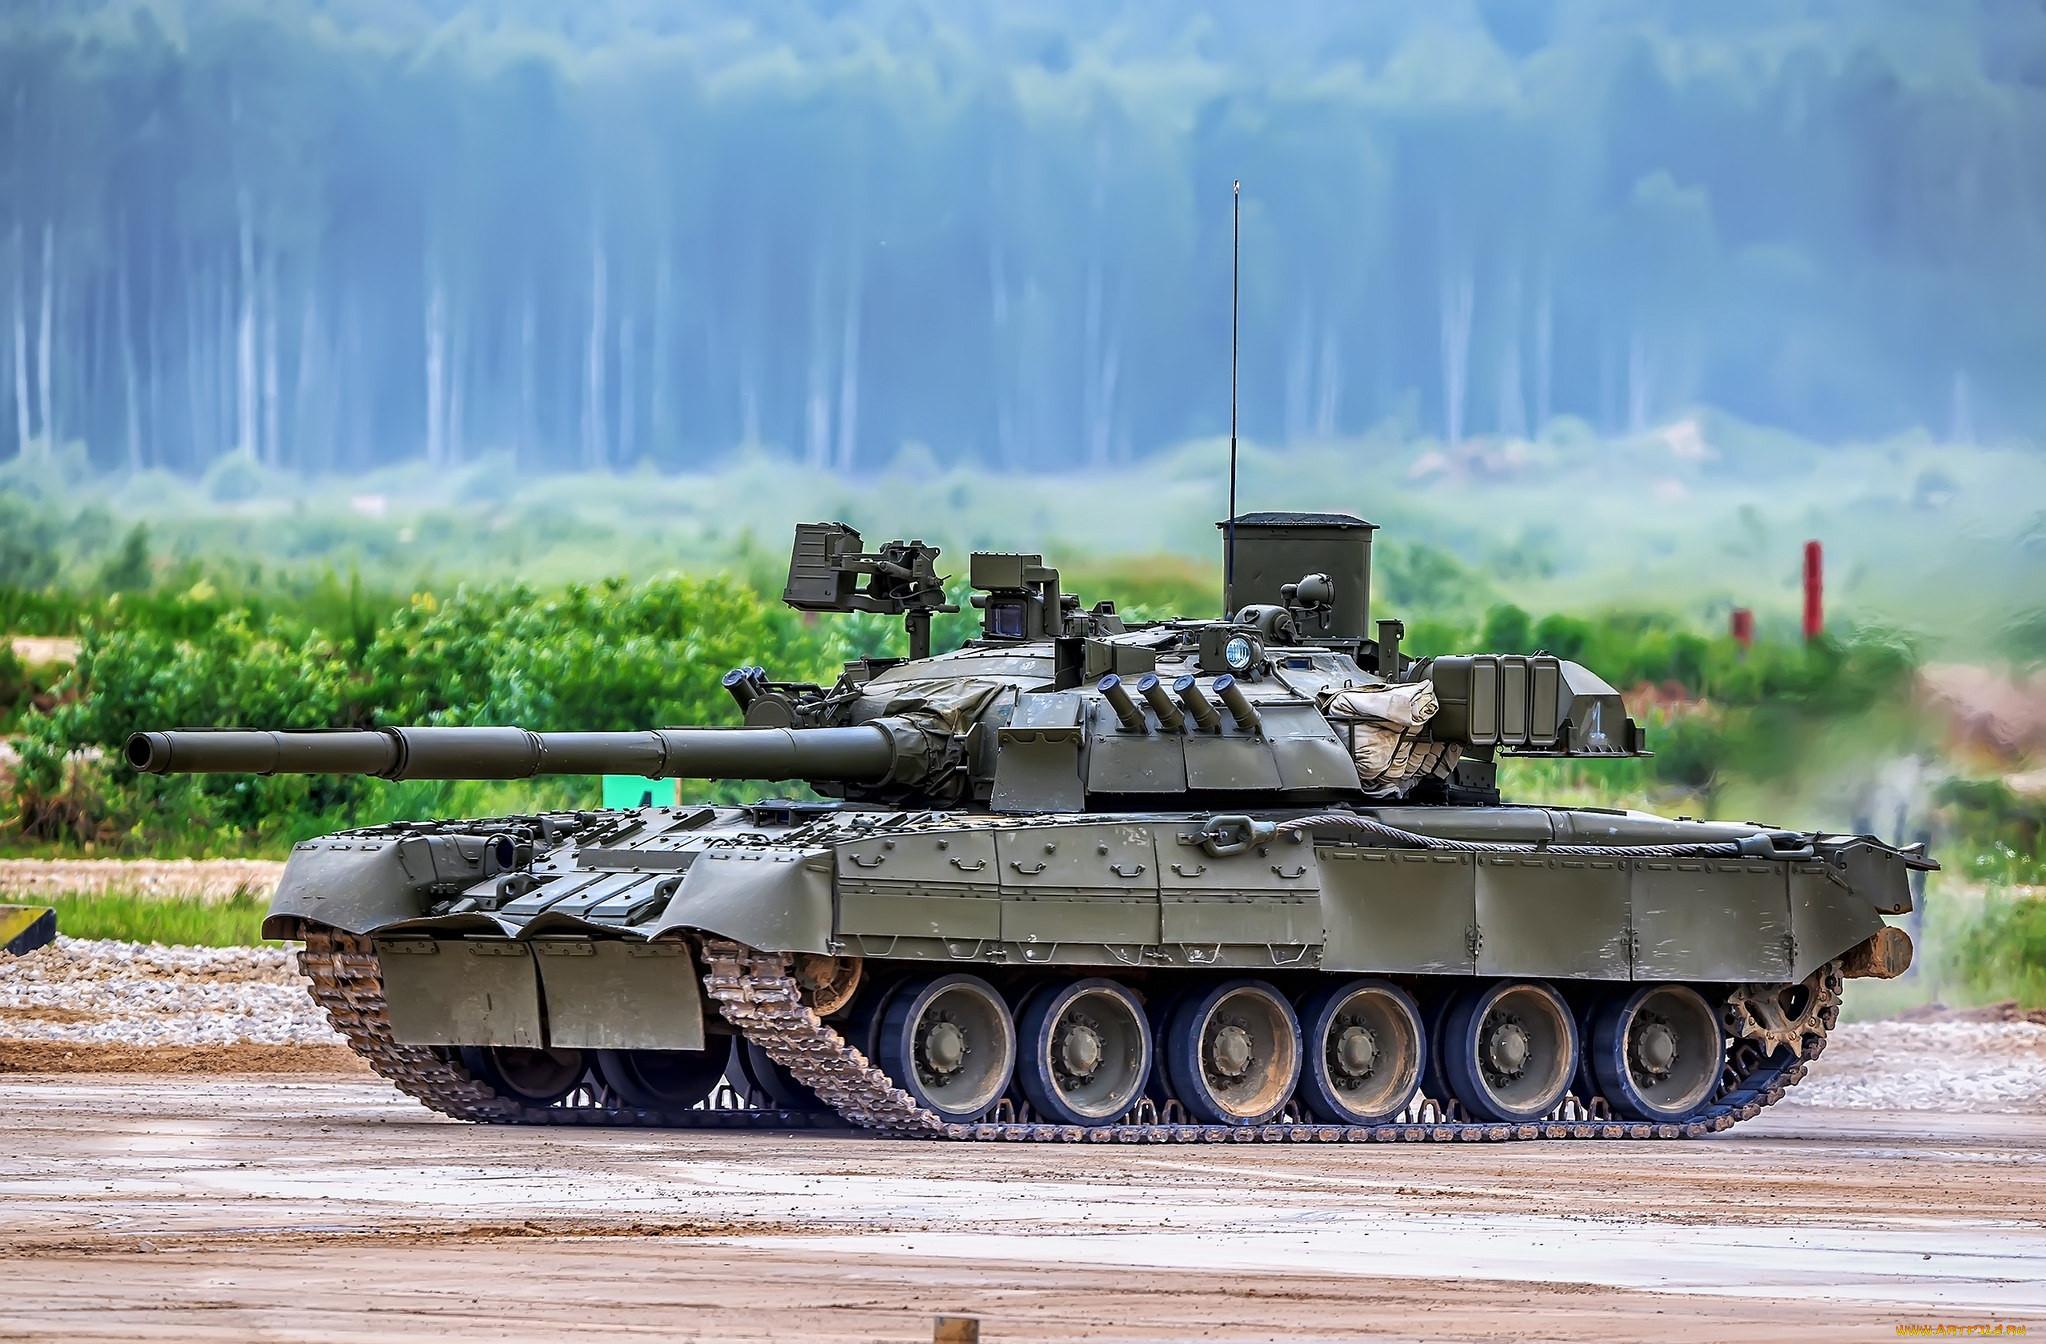 день рожденья фото военной техники высокого разрешения моногамные животные, которые